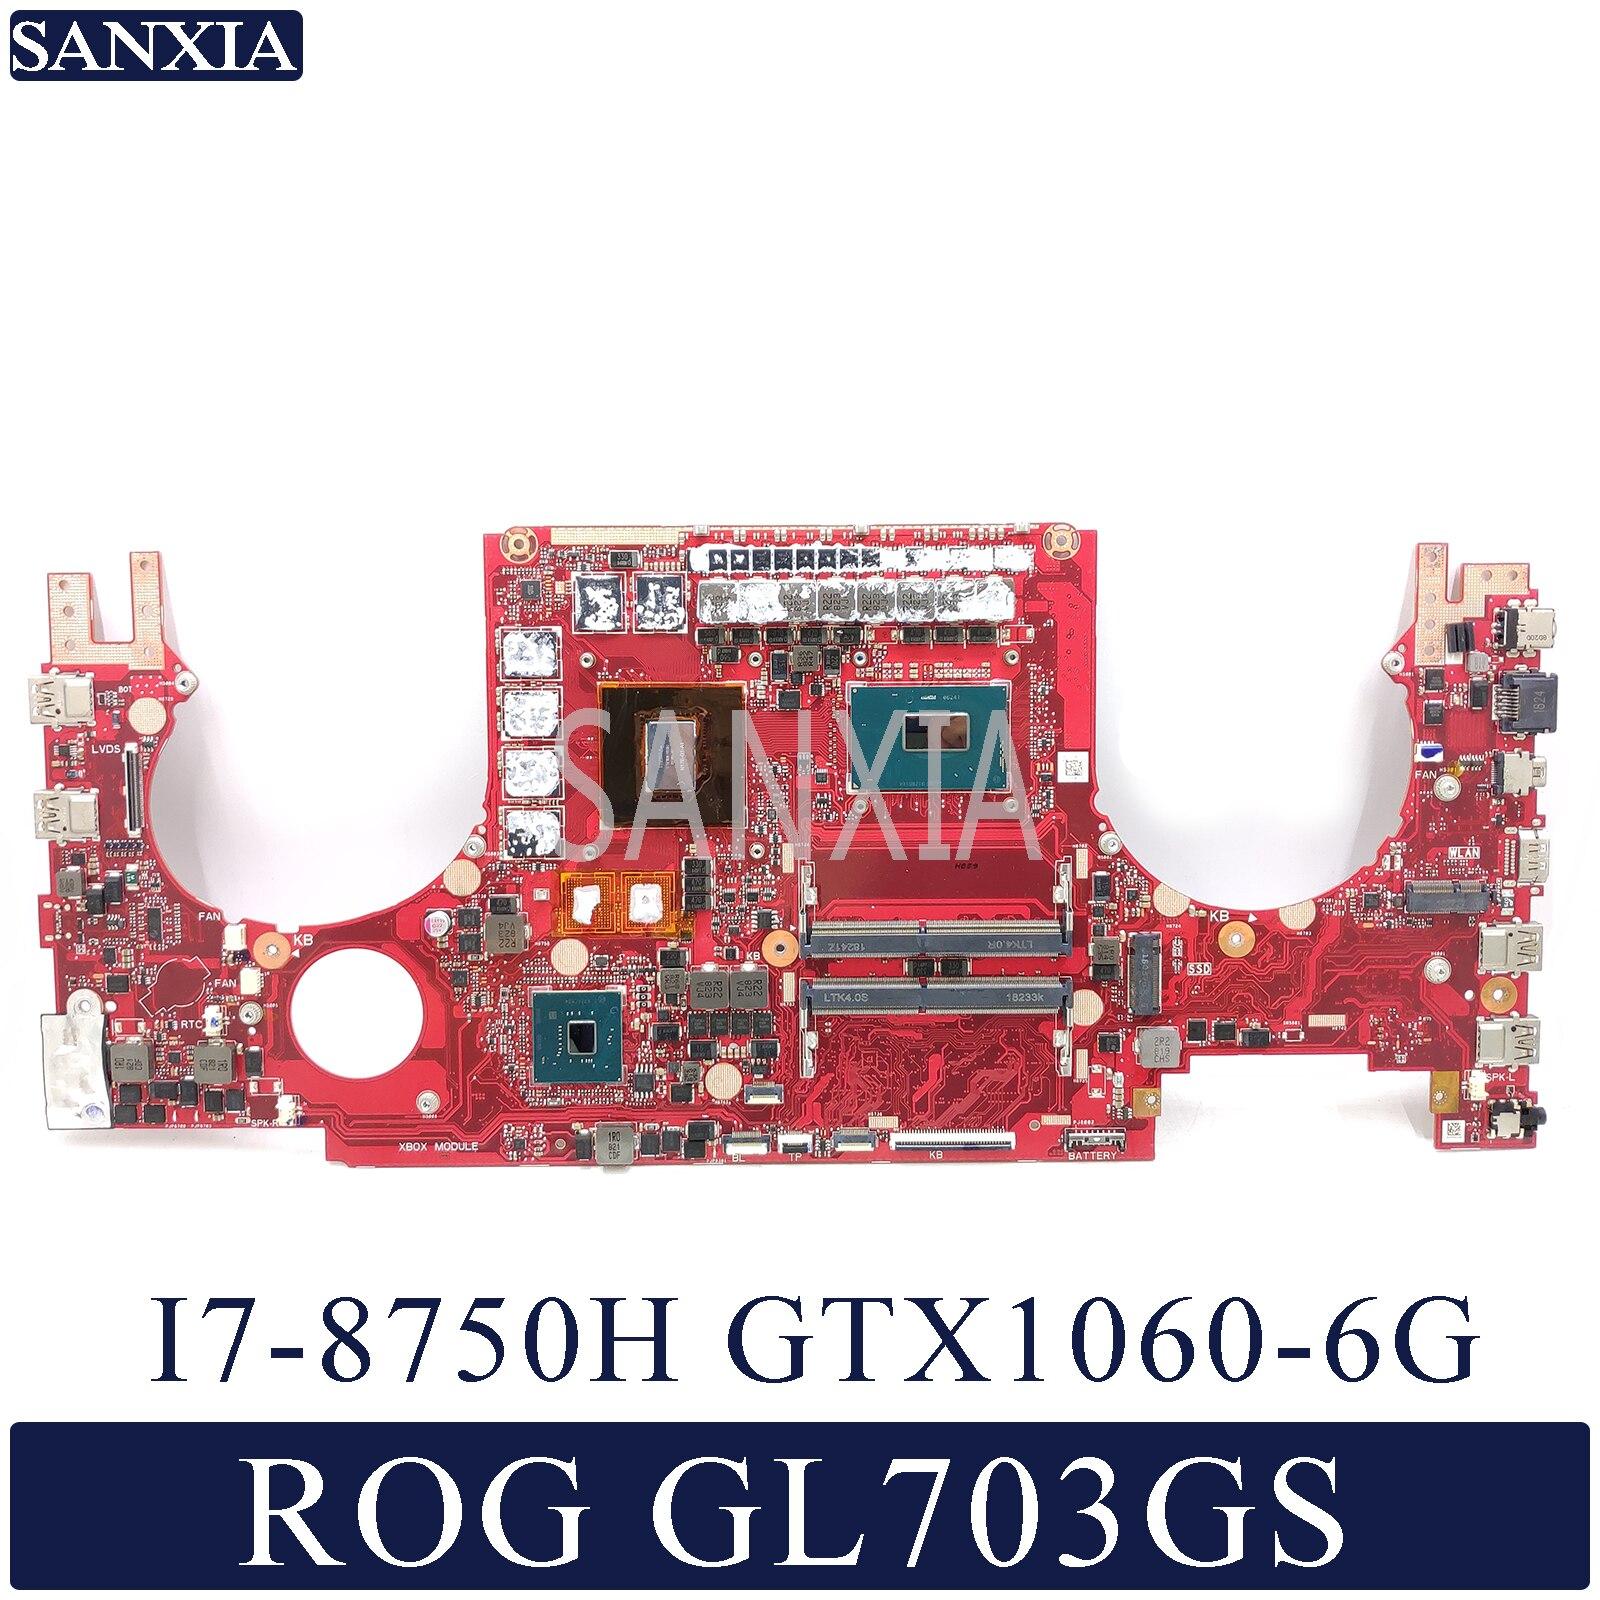 KEFU GL703GS Laptop motherboard for ASUS ROG Strix SCAR GL703GS S7BS original mainboard HM370 I7 8750H GTX1060 6G|Motherboards| |  - title=